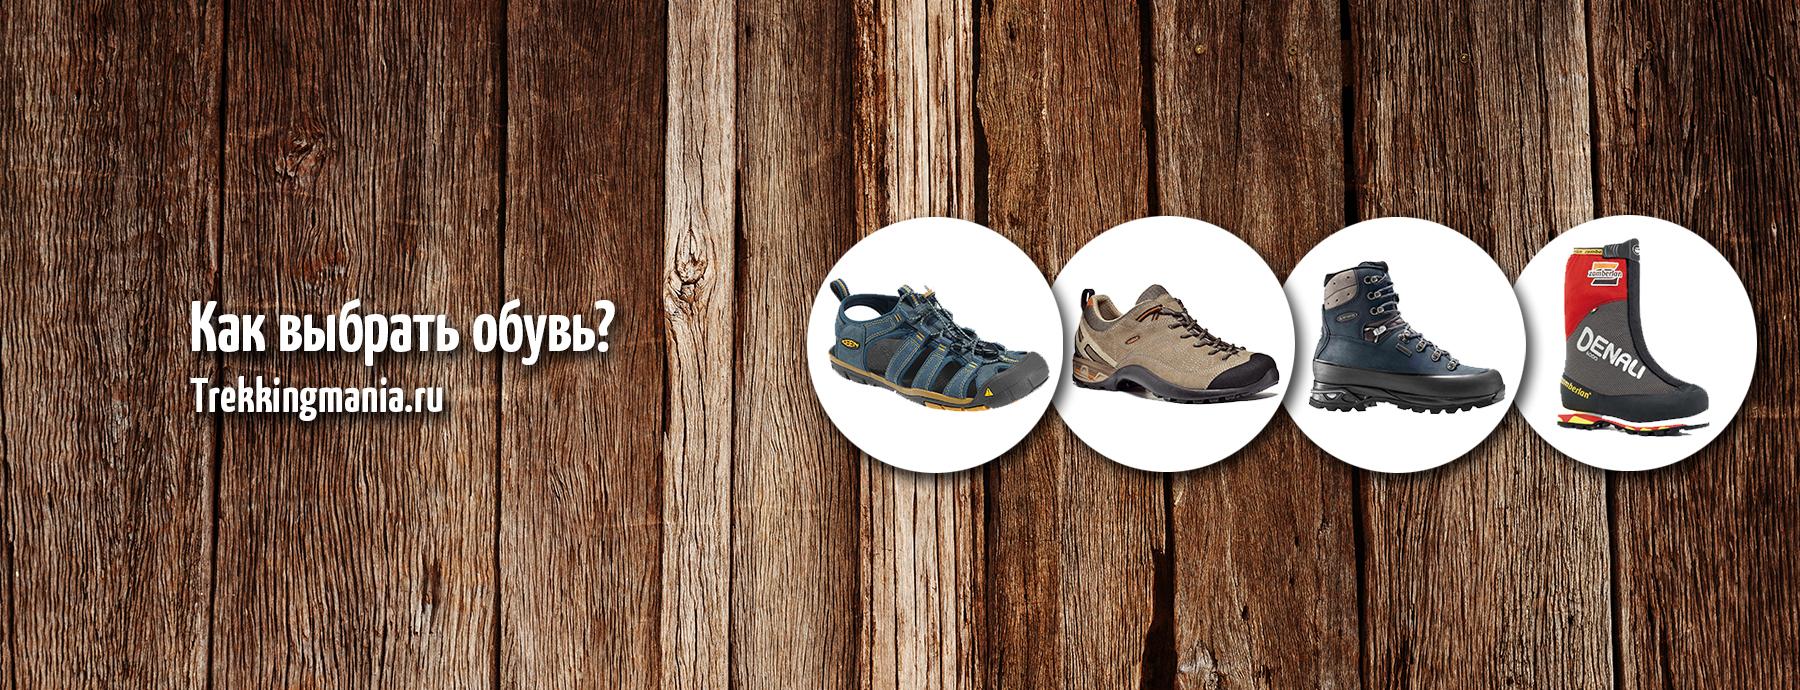 c674004c5 Как выбрать обувь для пешего туризма?